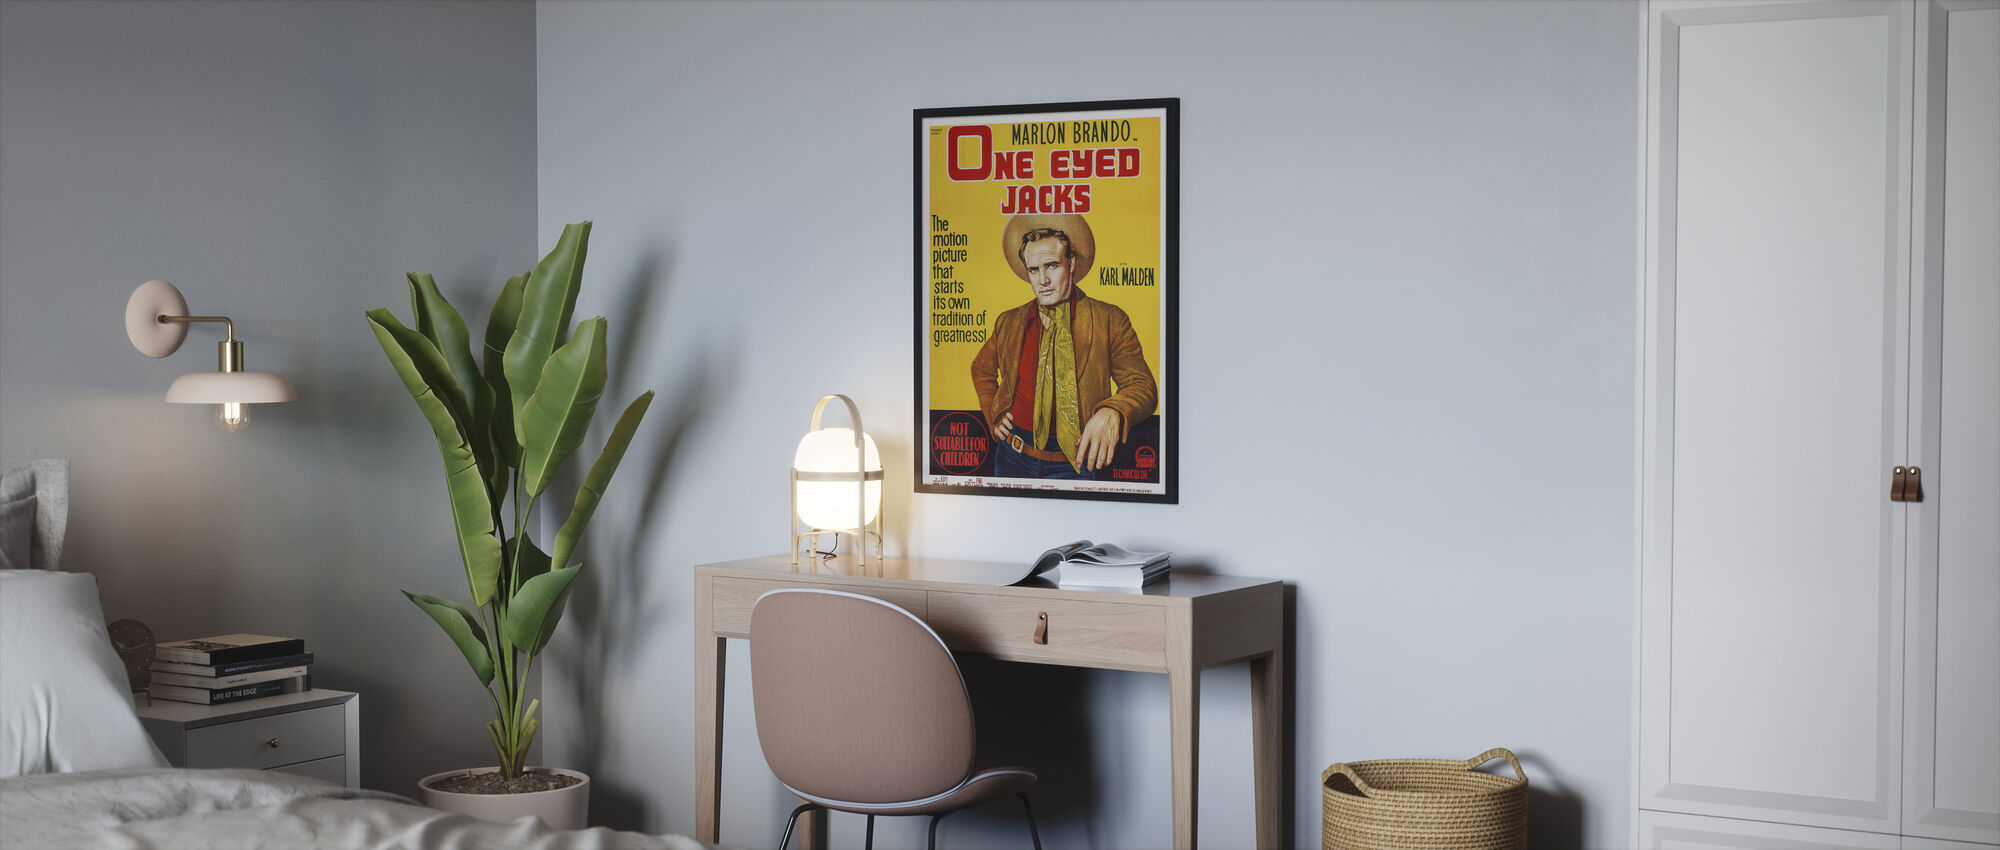 Film Poster een Eyed Jacks - Ingelijste print - Slaapkamer